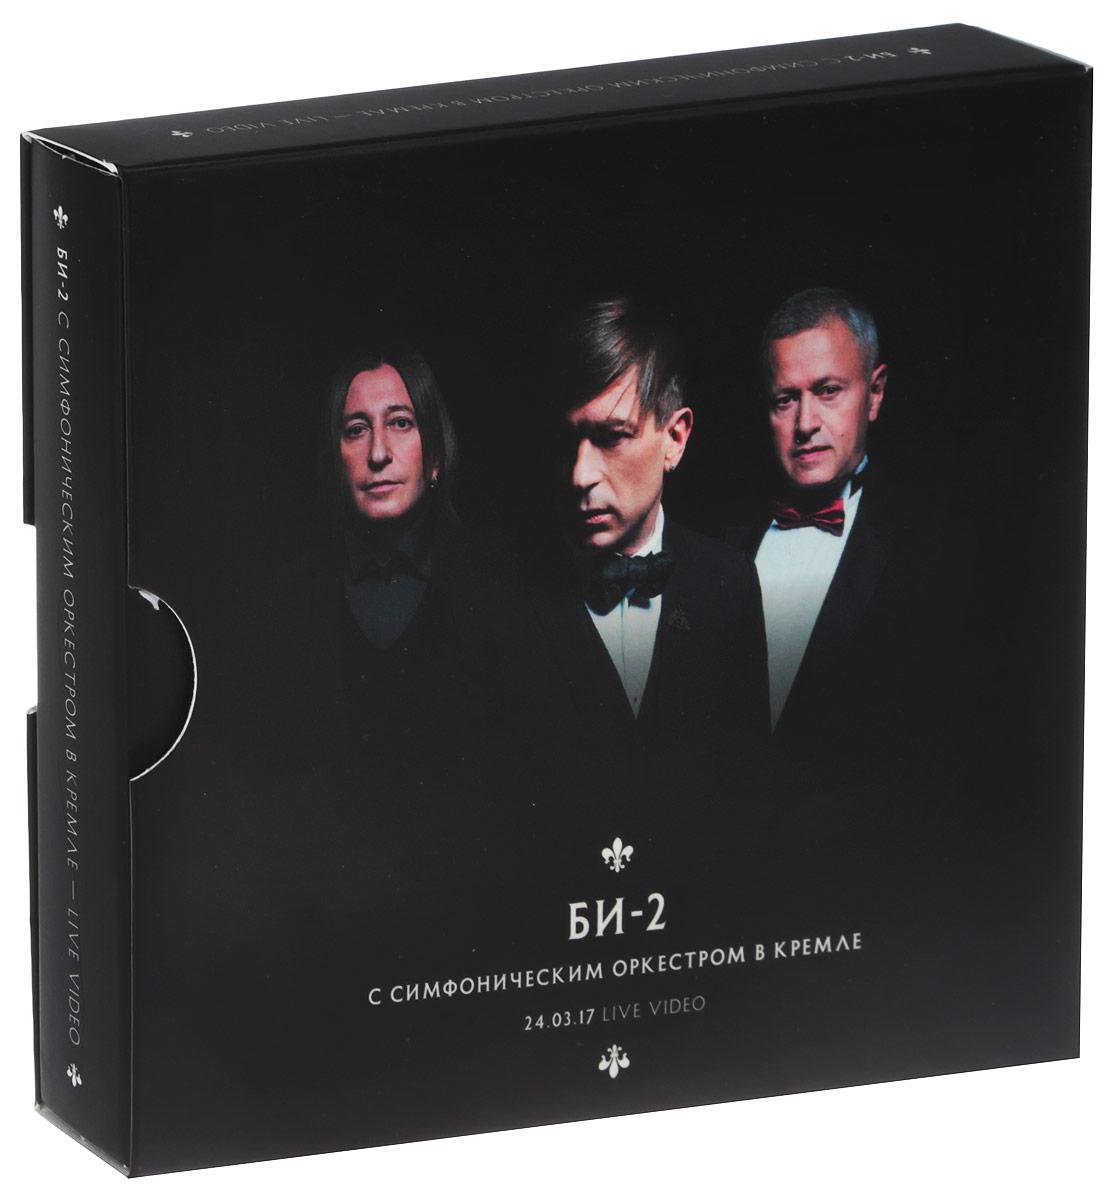 Би-2 Би-2 с симфоническим оркестром в Кремле (2 CD + DVD) би 2 – prague metropolitan symphonic orchestra vol 2 cd